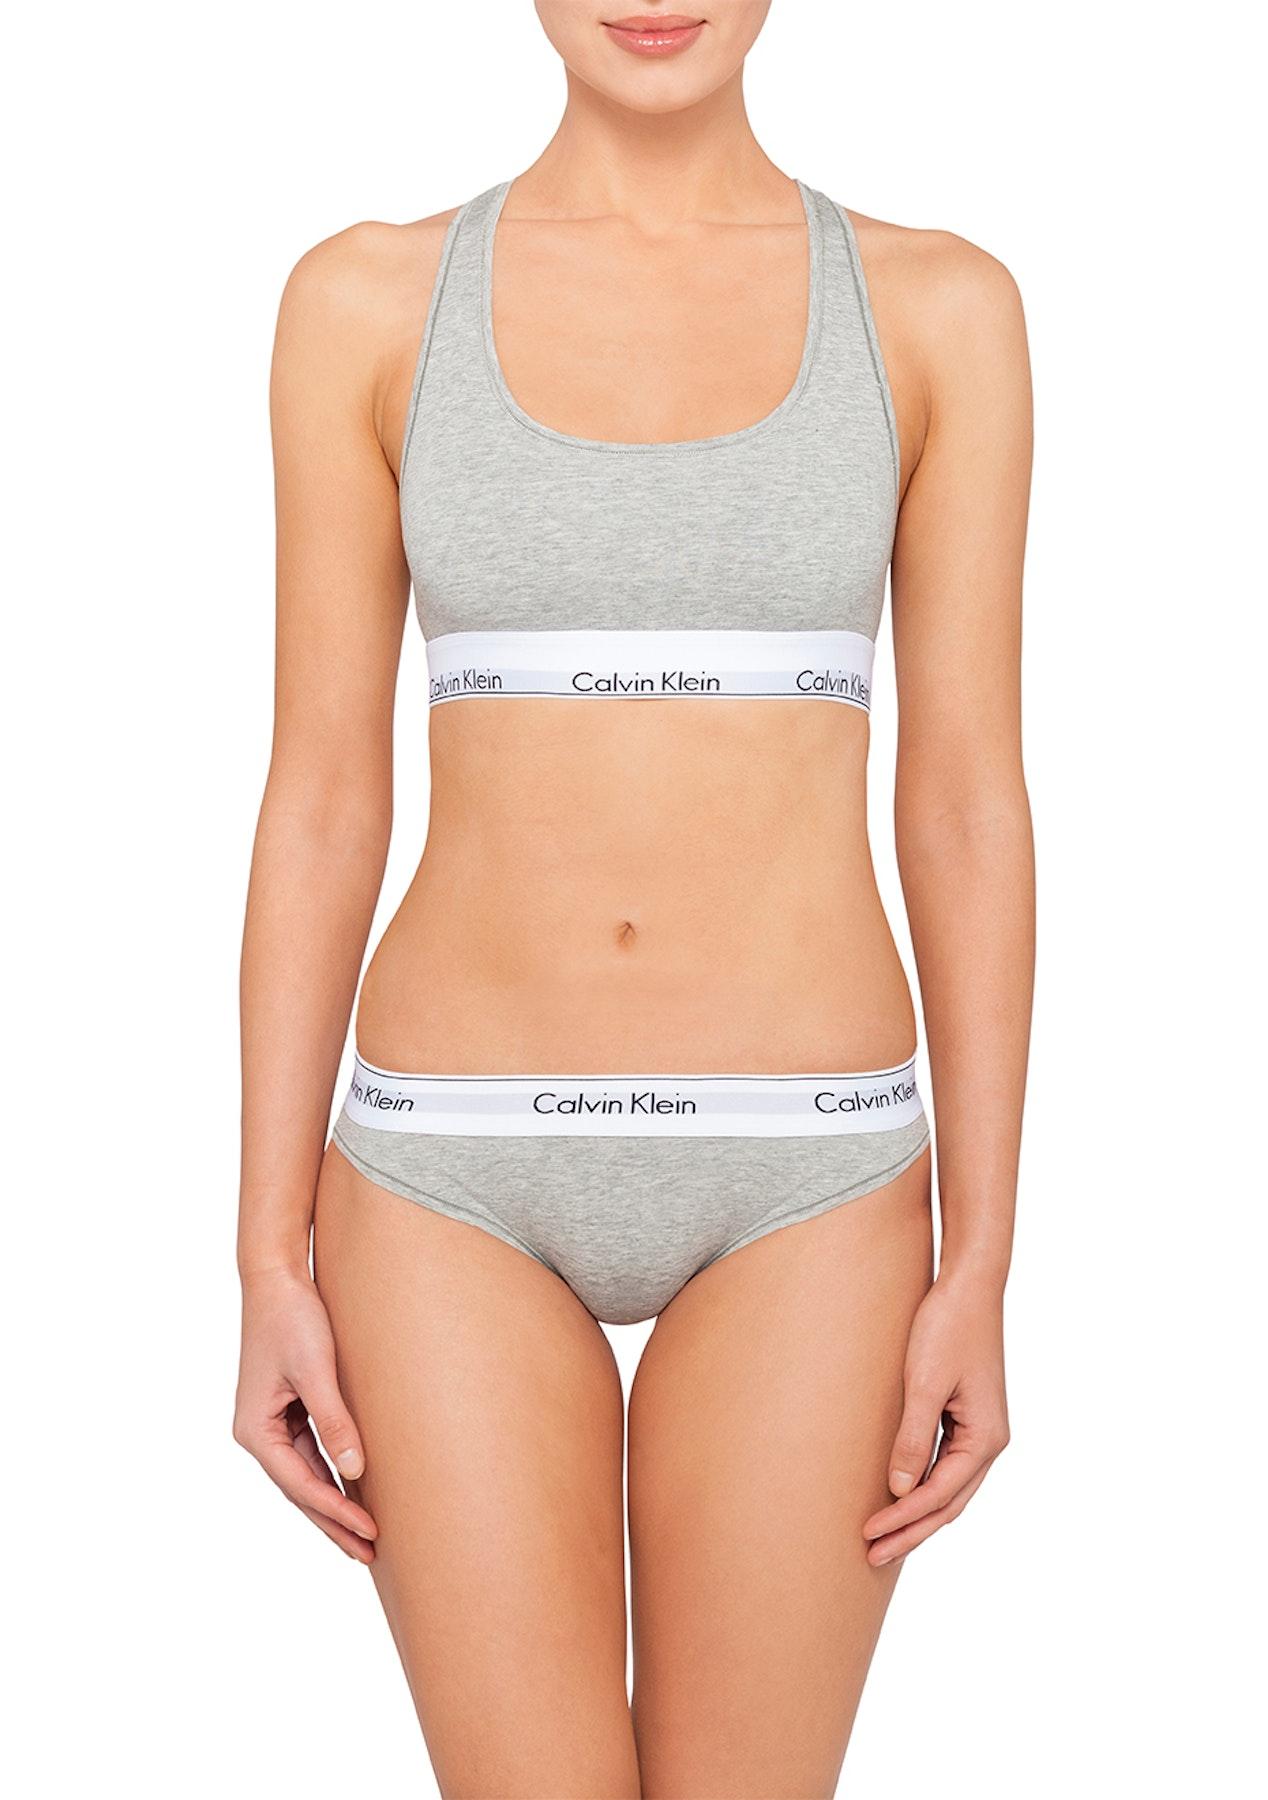 449327b1dfef4 Calvin Klein - Modern Cotton Bralette - Grey Heather - Calvin Klein  Underwear - Onceit